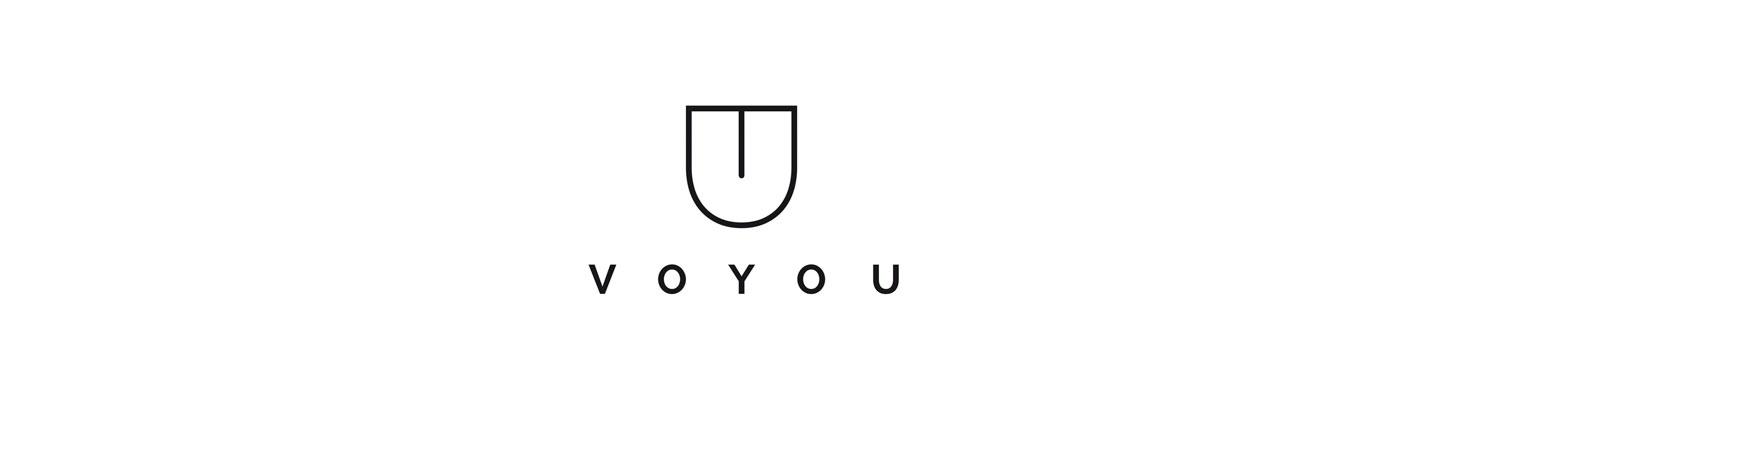 Vouyou